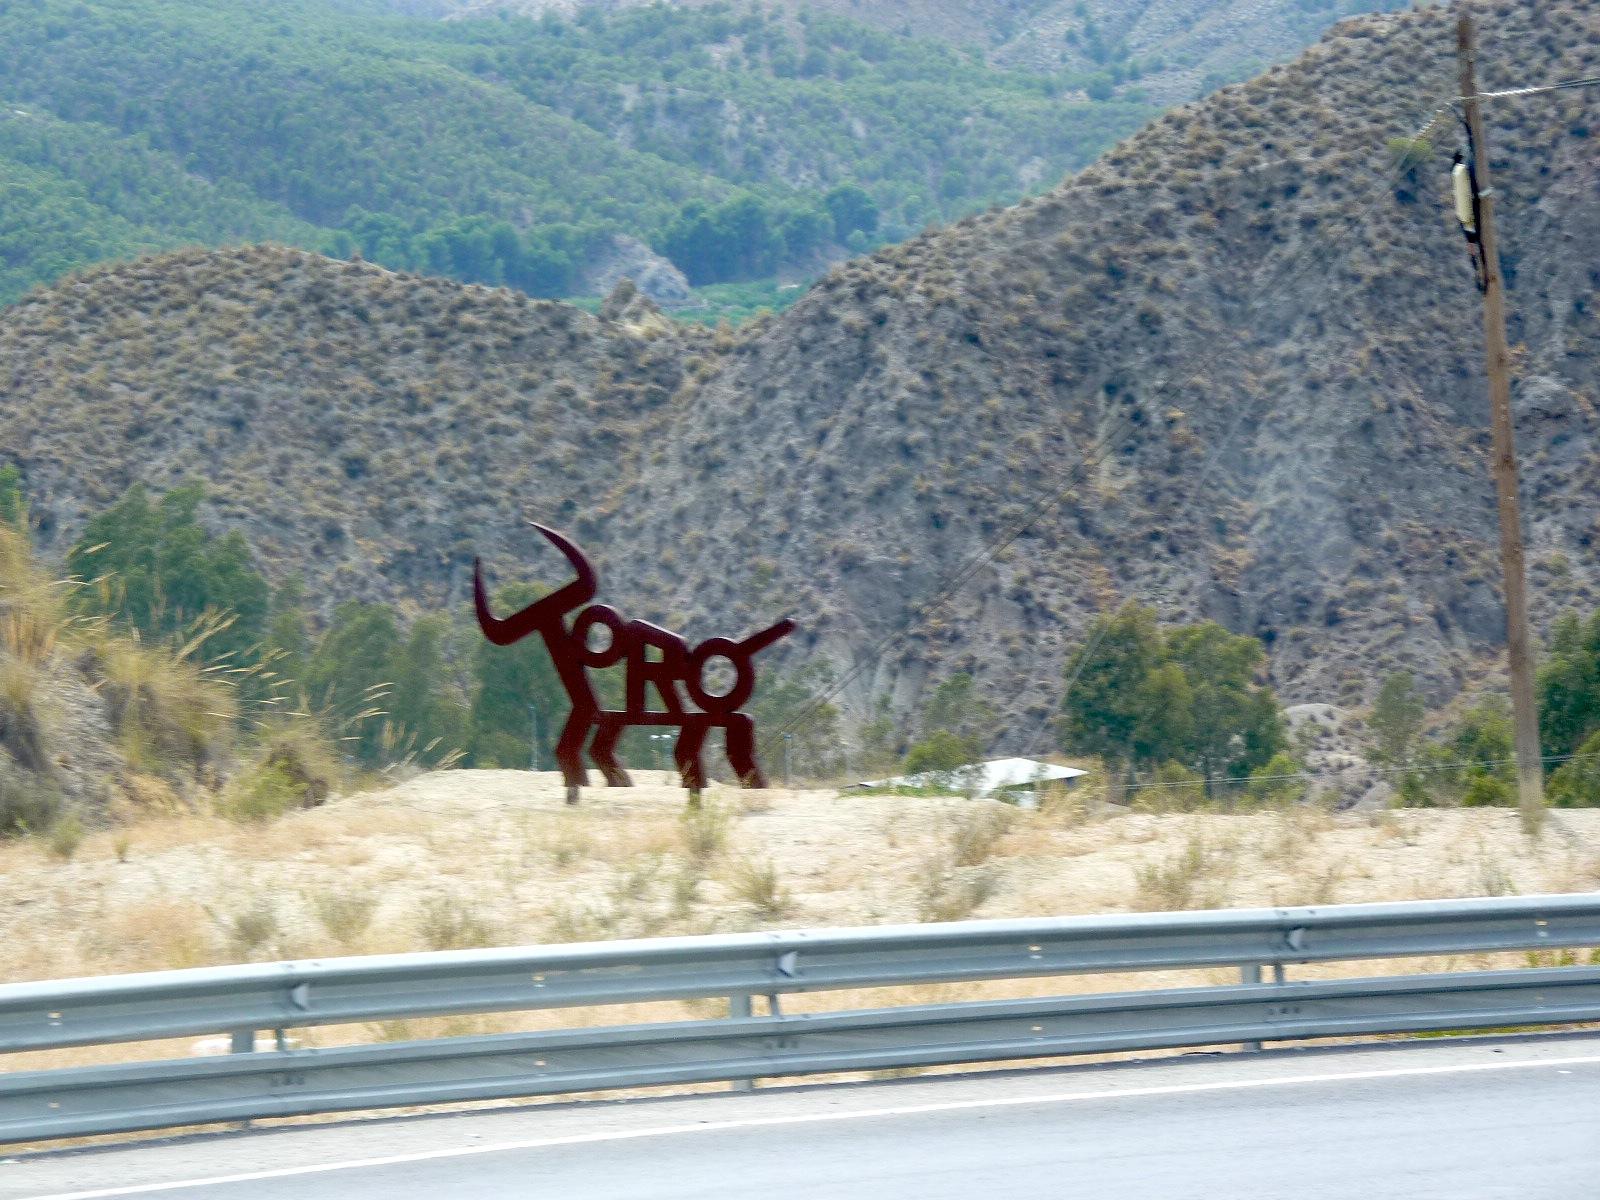 Toro-Sculpture-Blanca-Spain.jpg